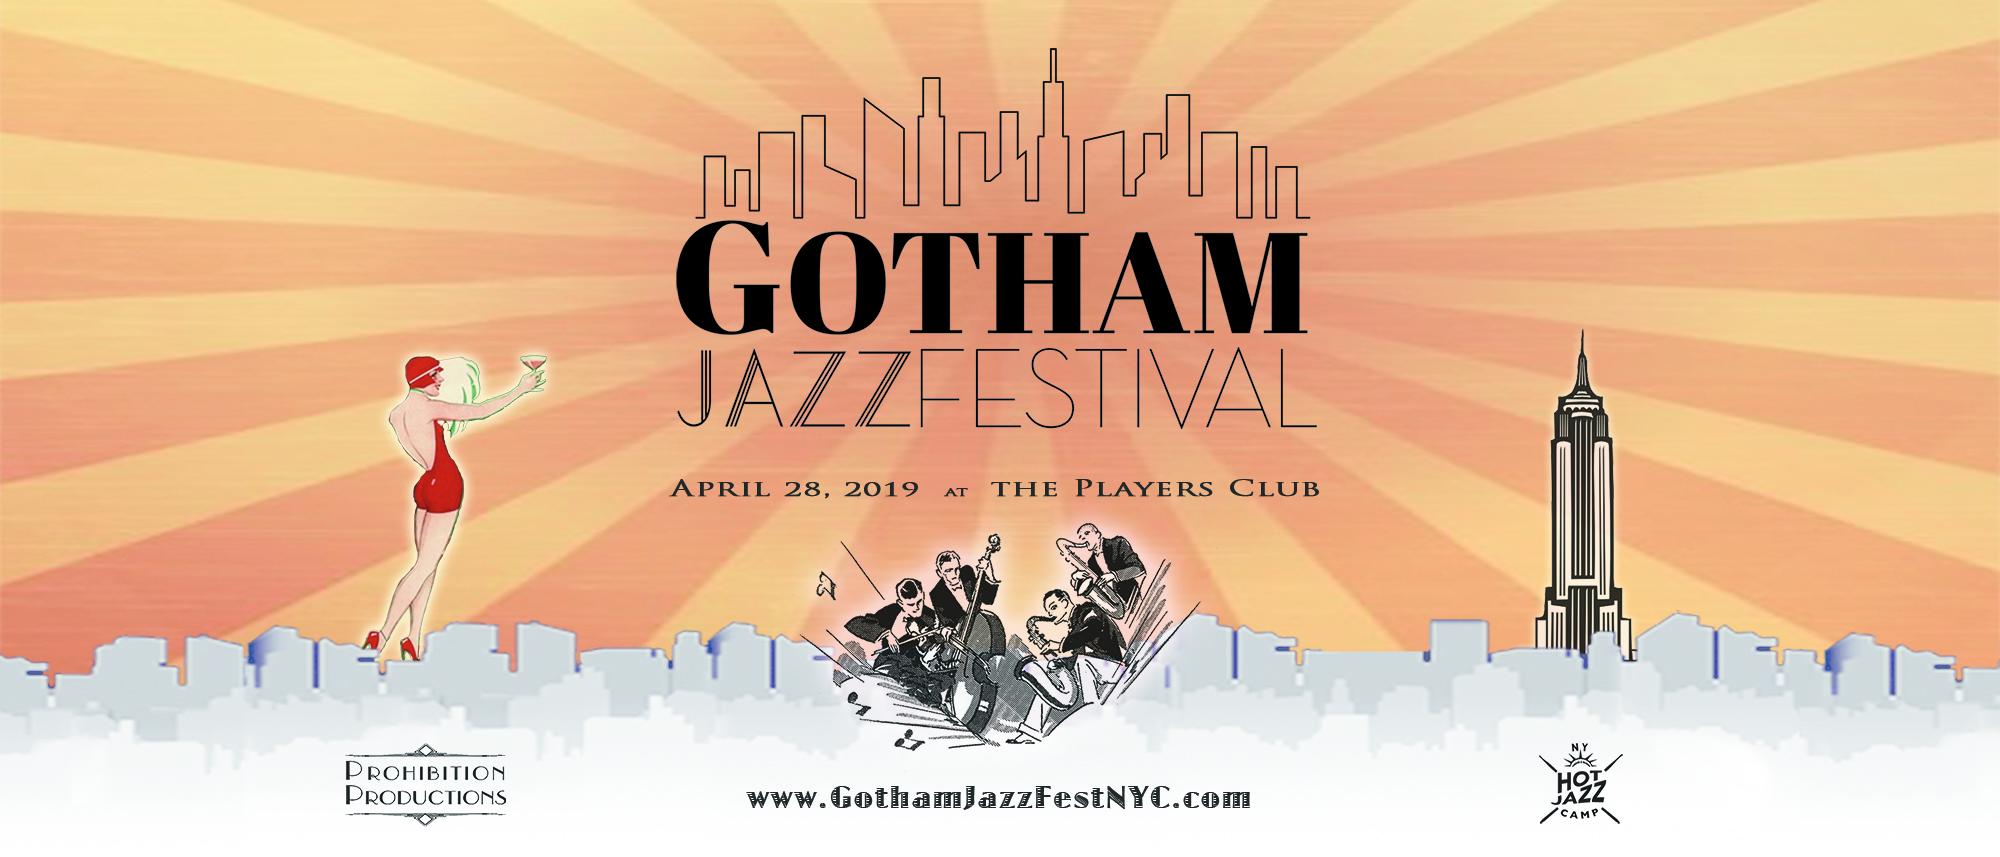 GOTHAM JAZZ FESTIVAL banner-v2-2kpx.jpg